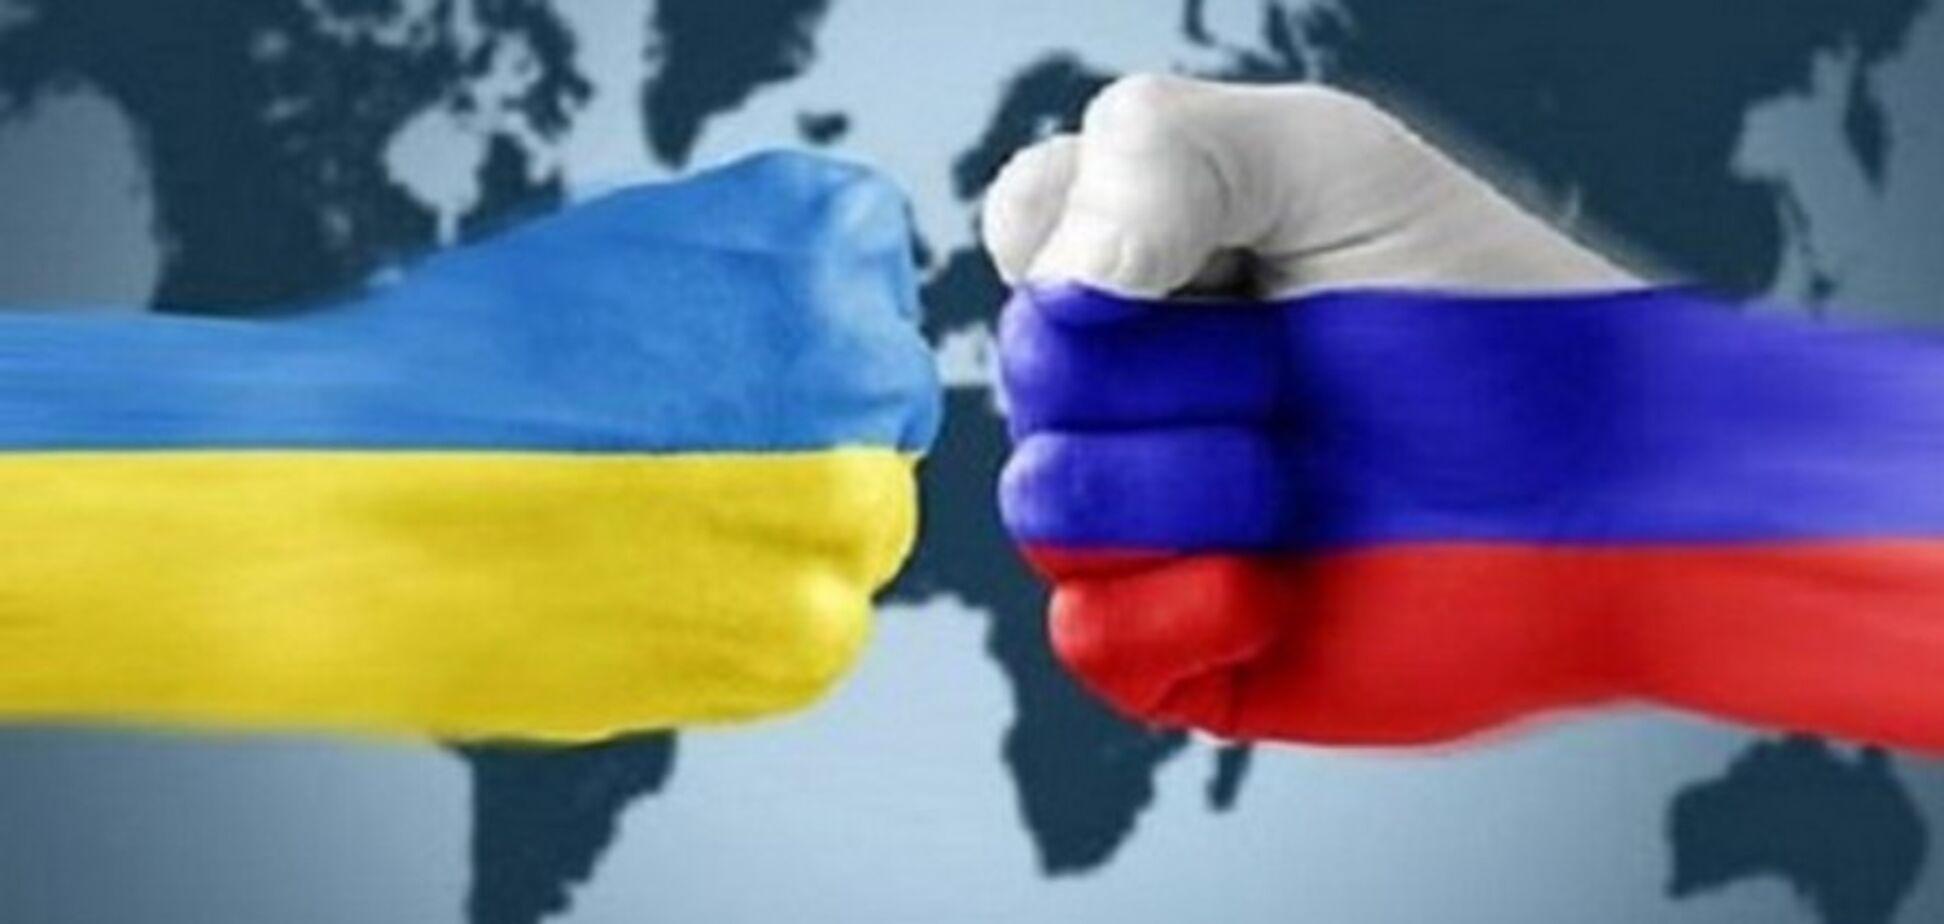 Стосунки з росіянами після виборів: погіршення чи покращення